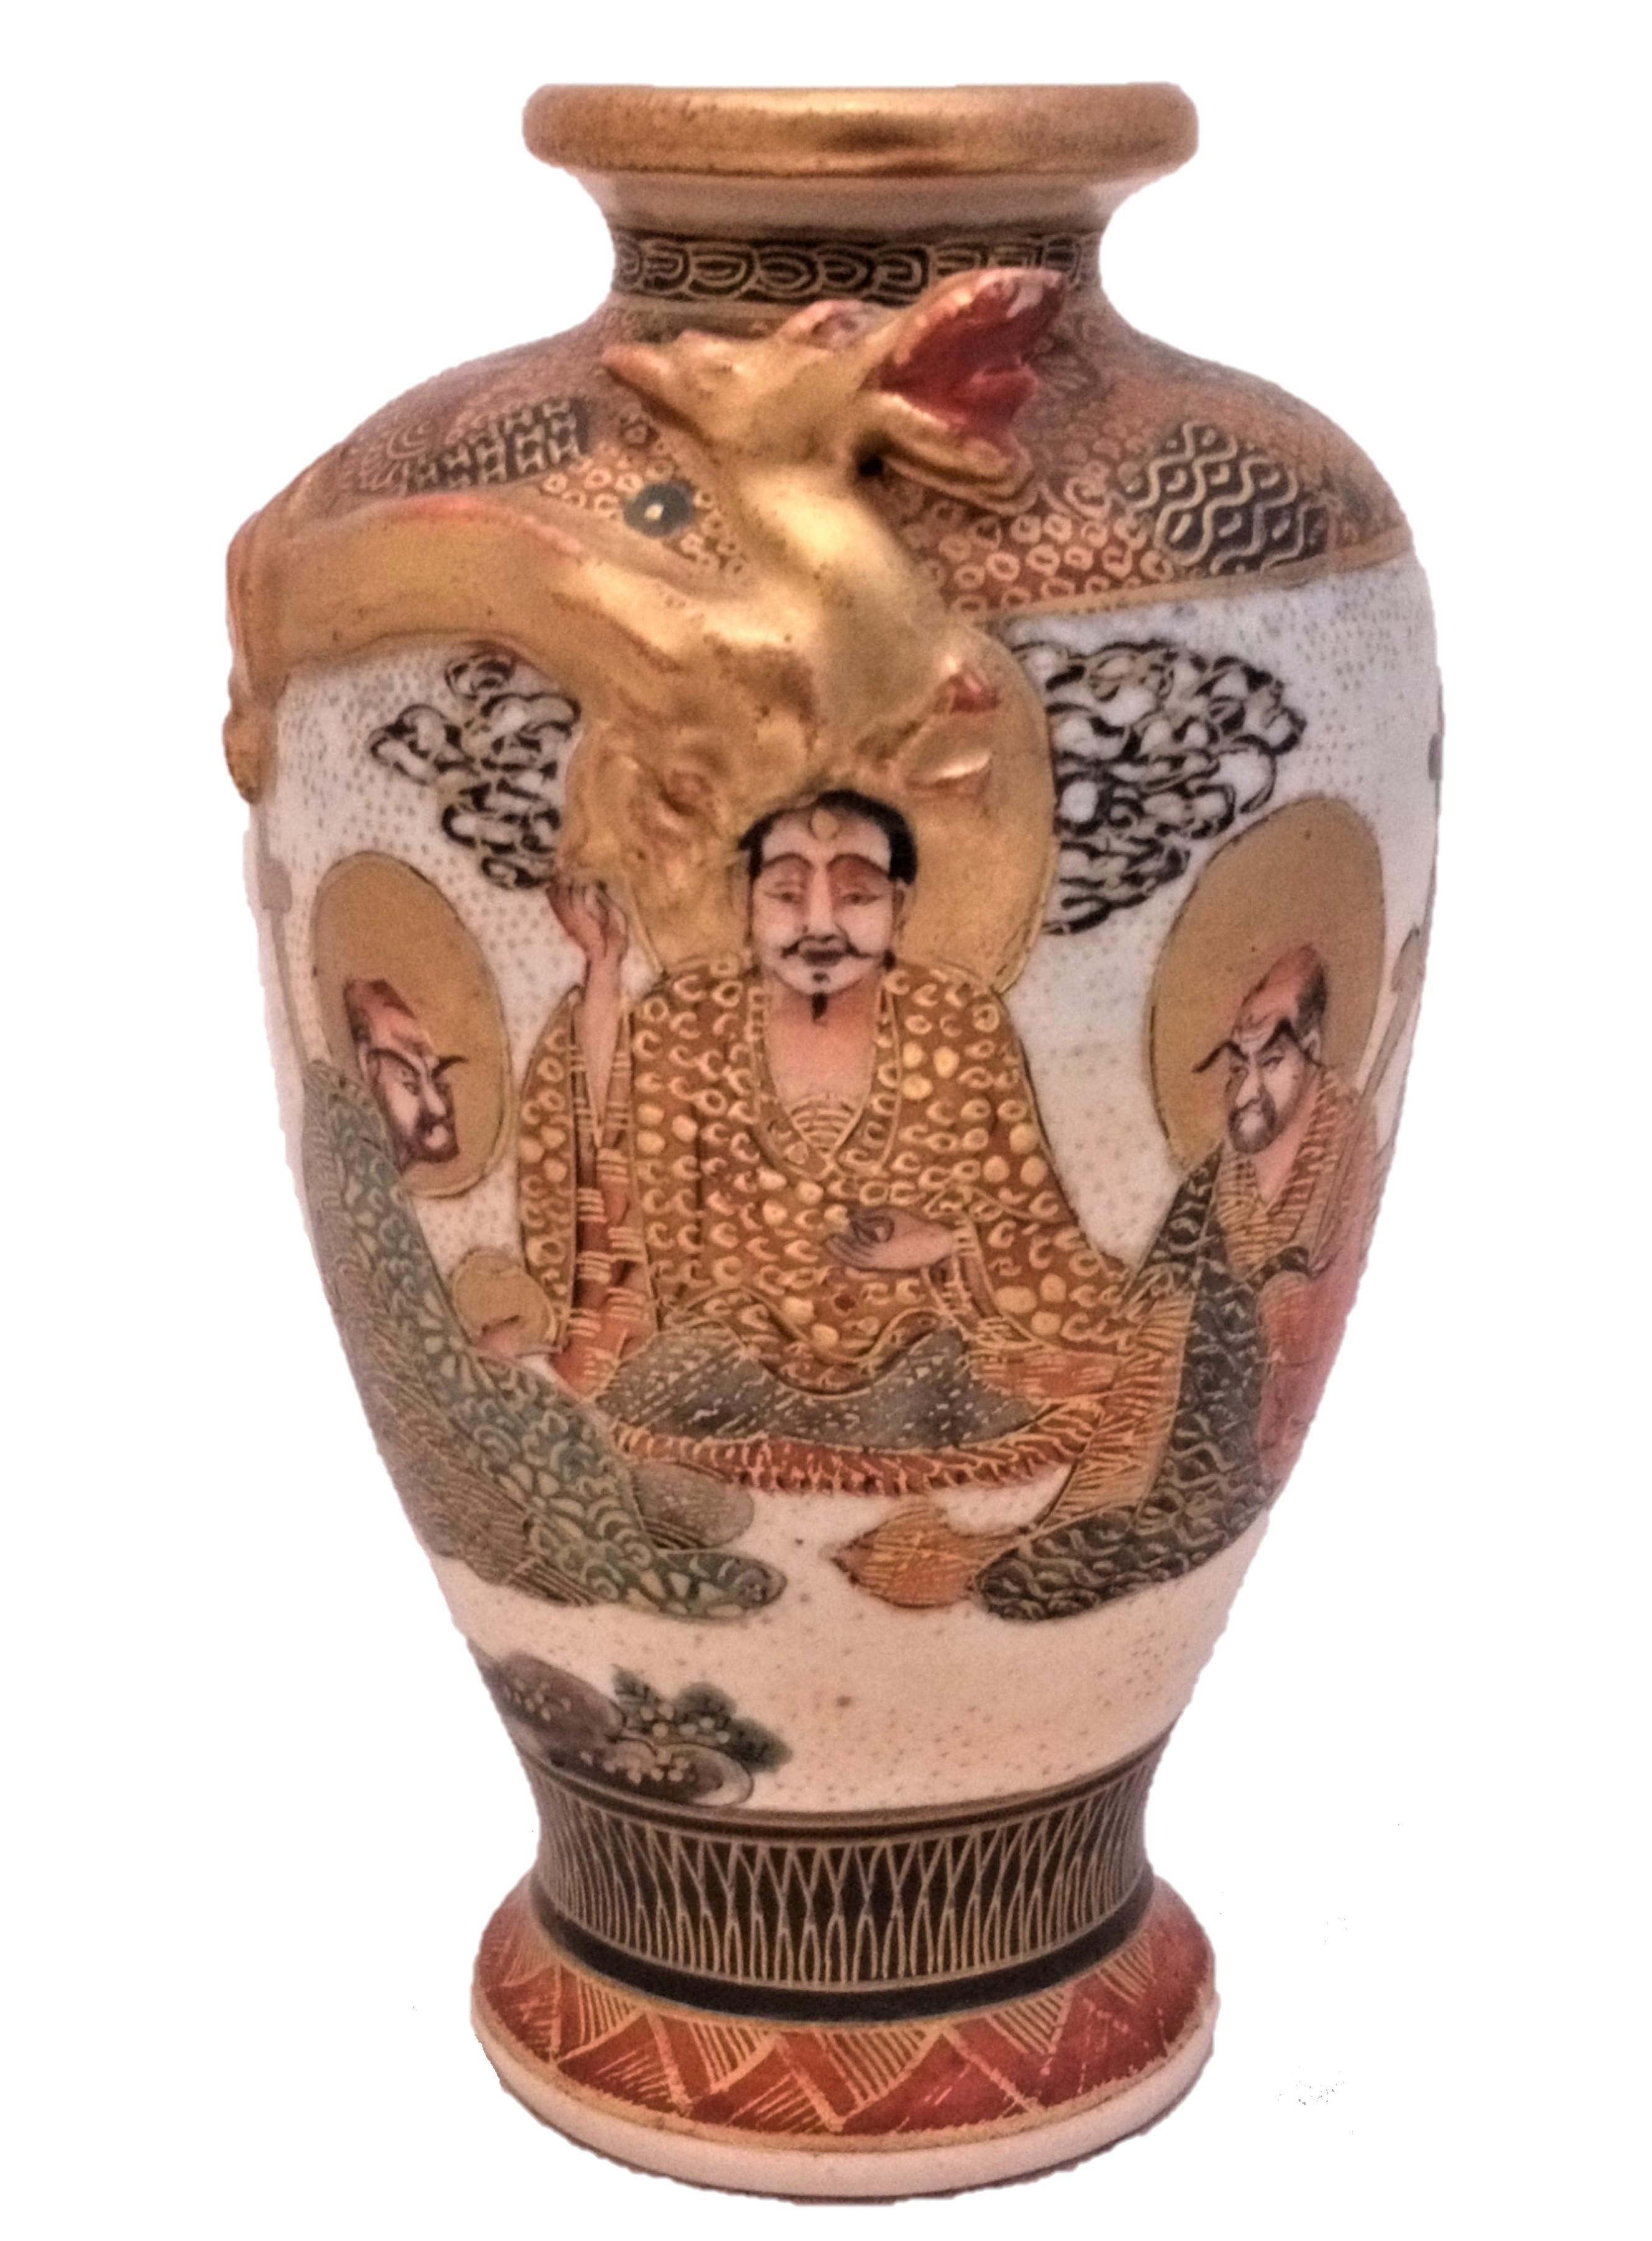 Japanese satsuma vase vintage How to